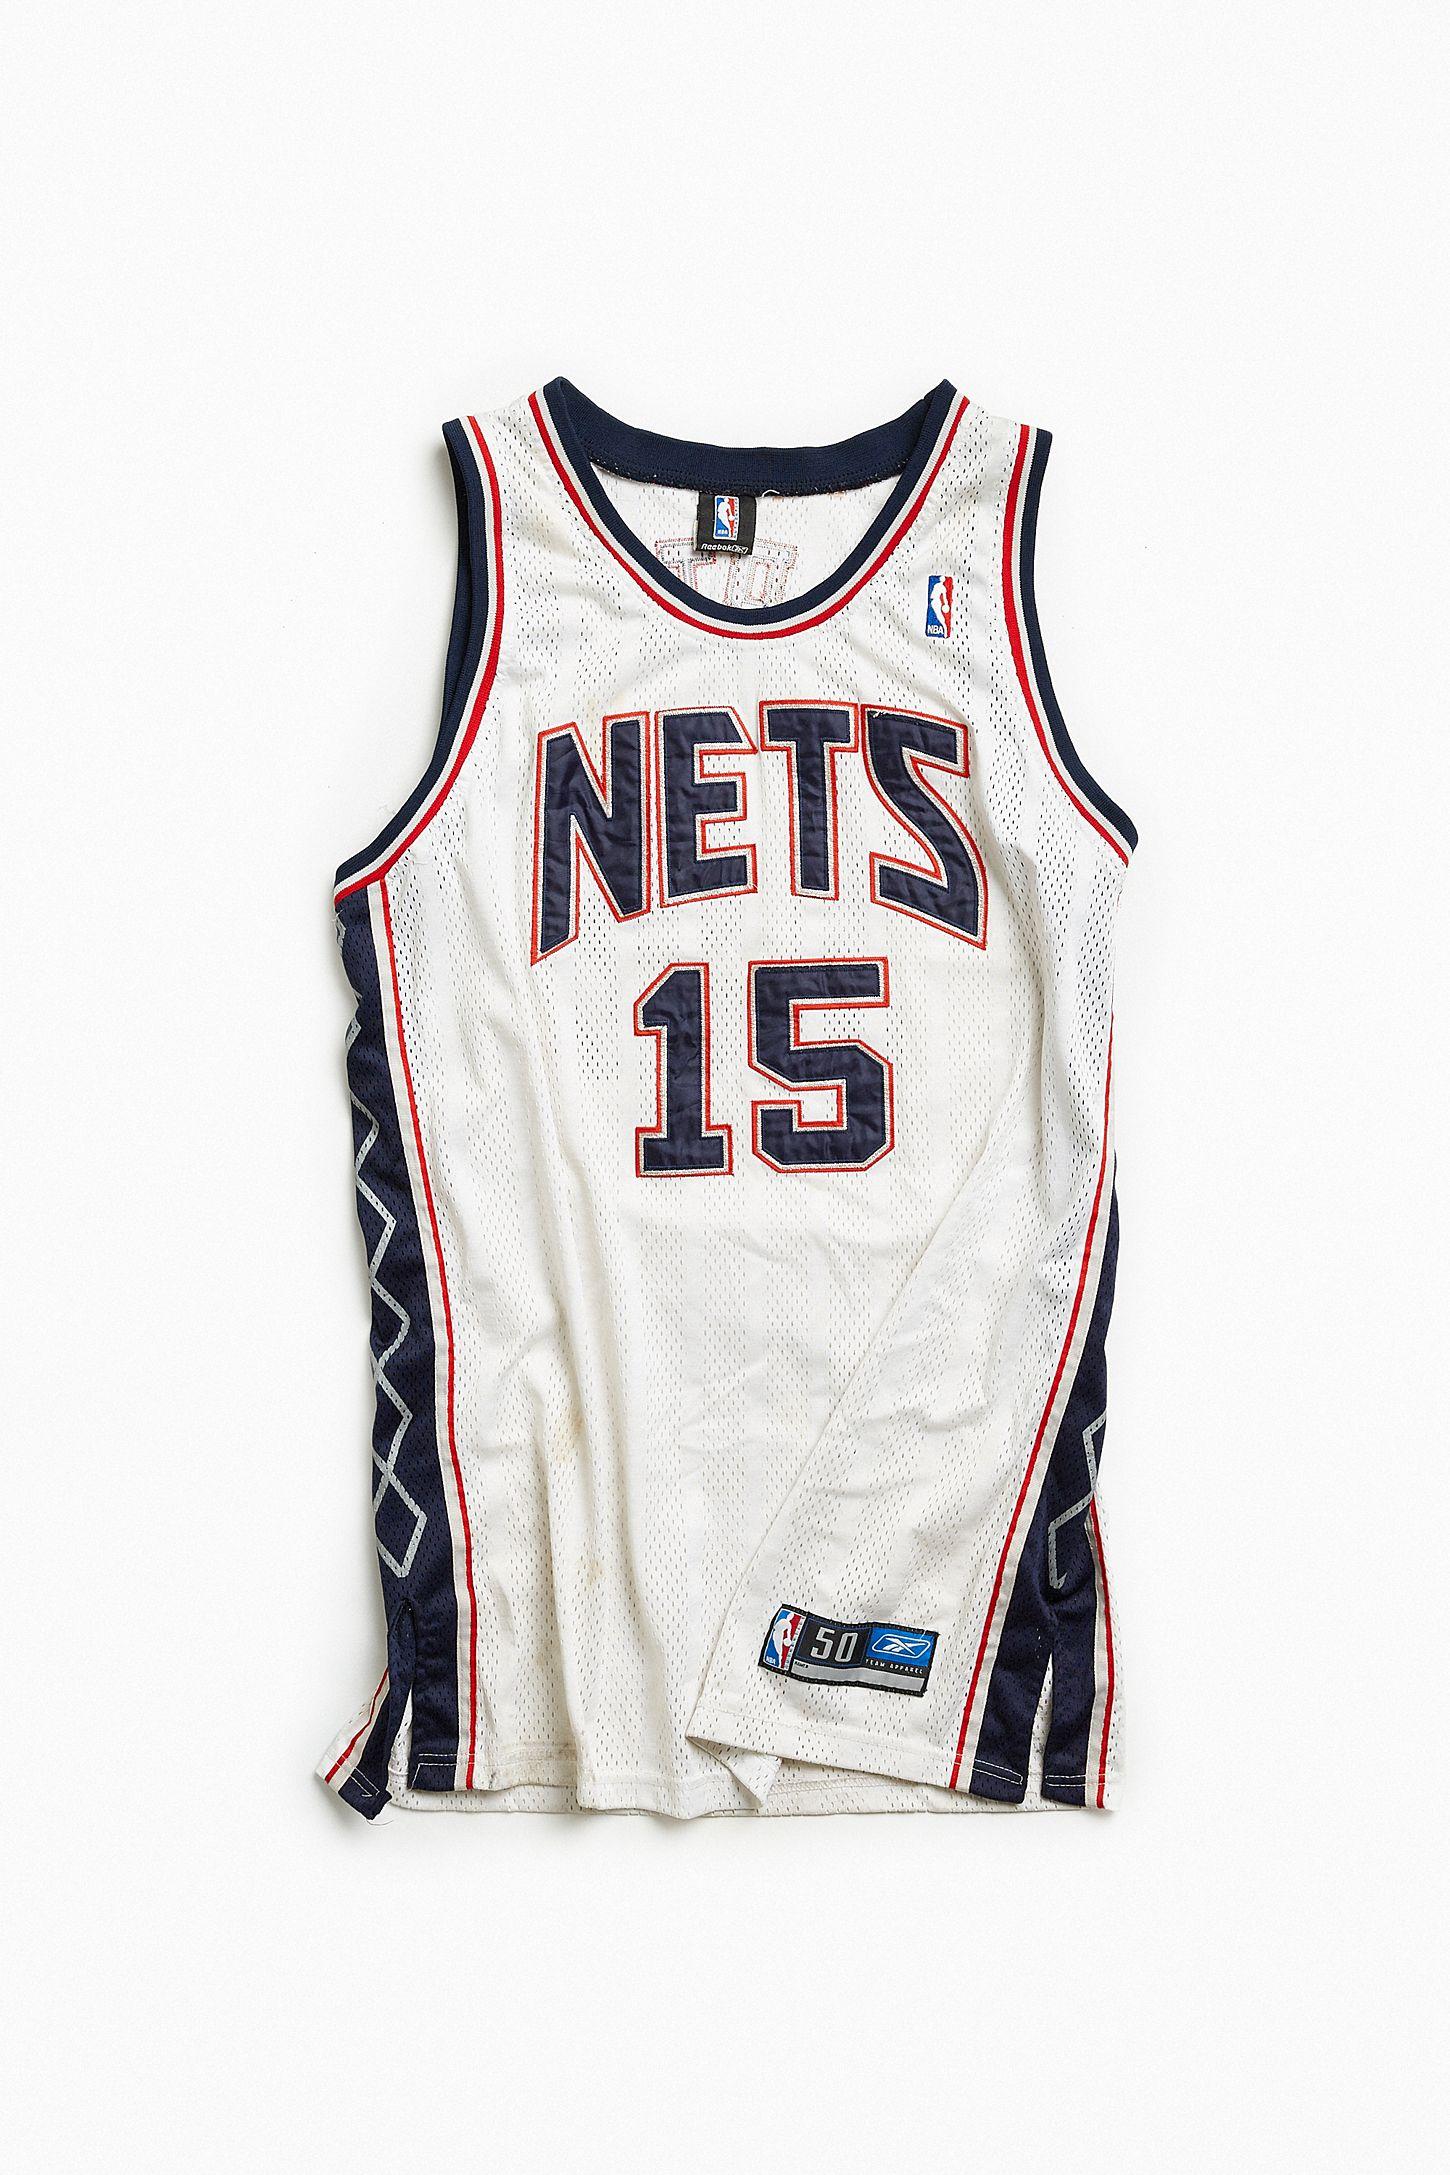 edf16d5ca5a Vintage NBA New Jersey Nets Vince Carter Basketball Jersey